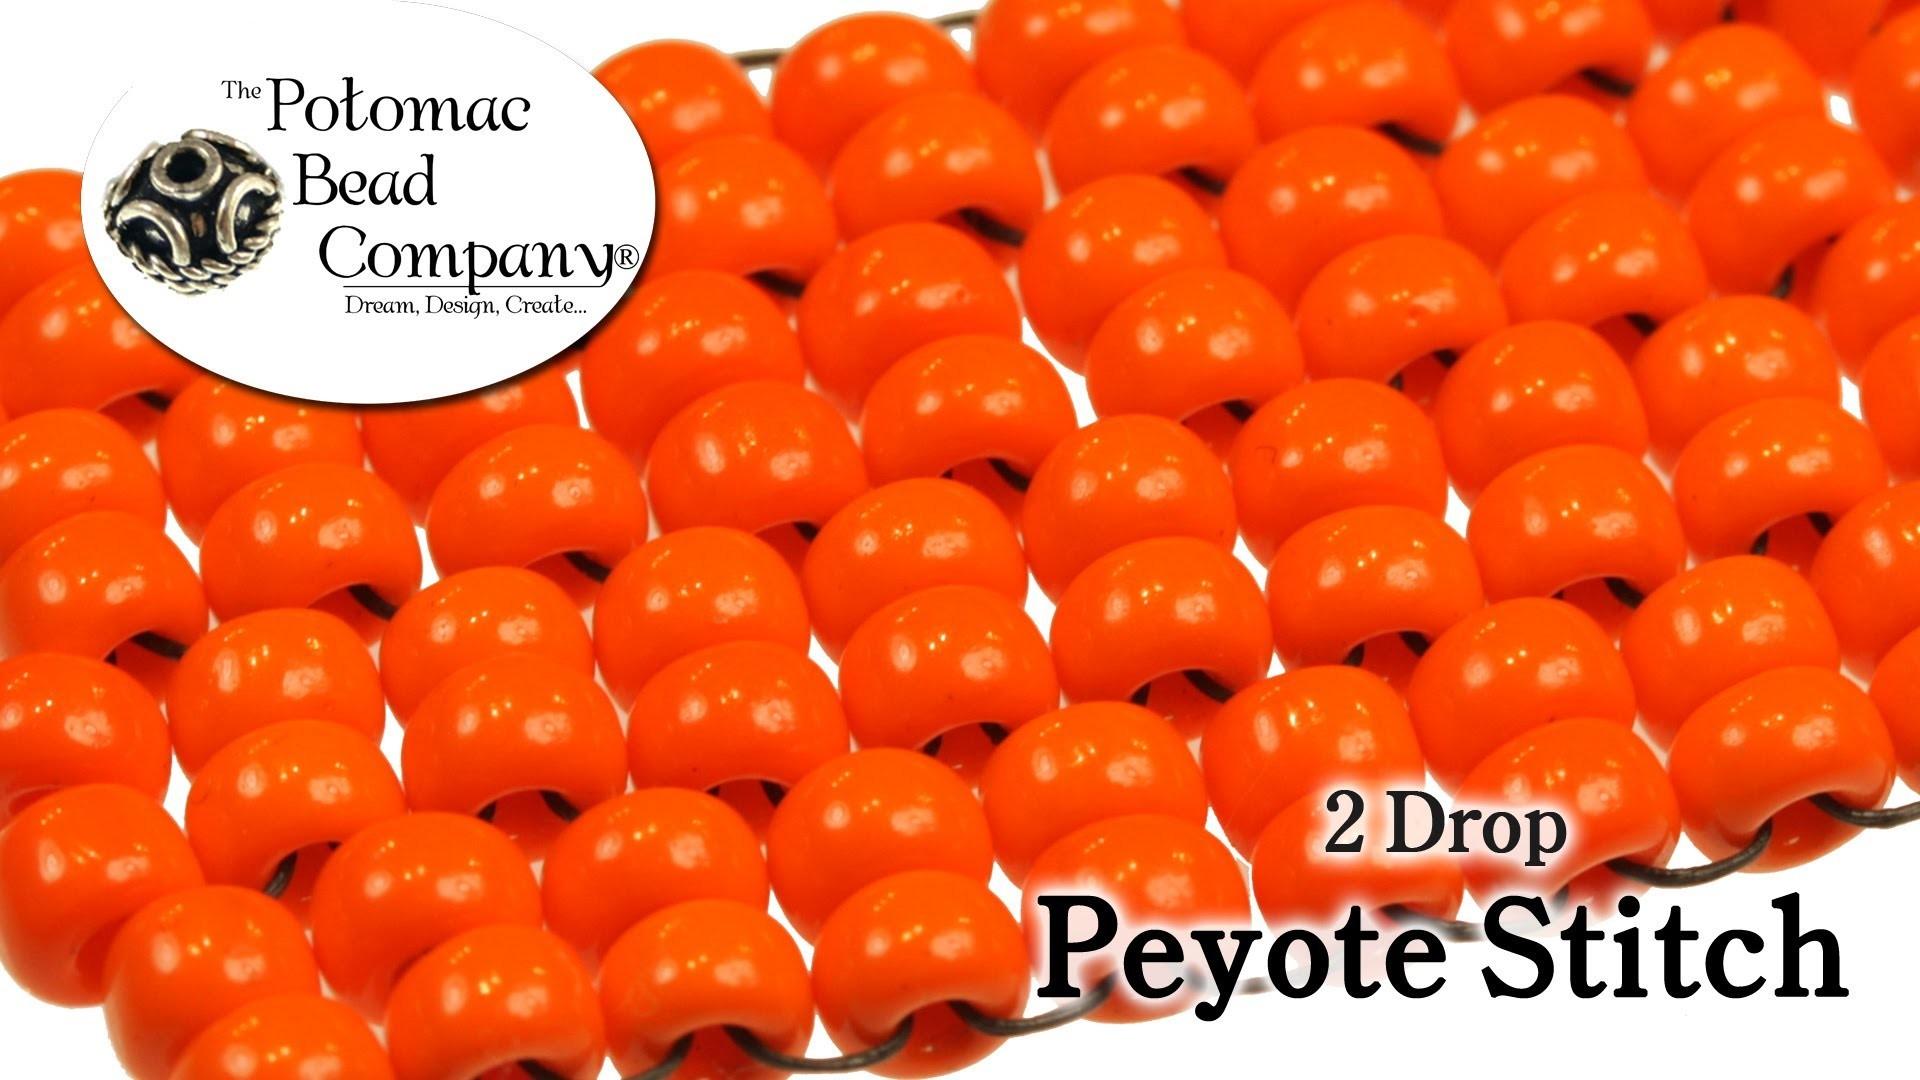 2 Drop Peyote Stitch